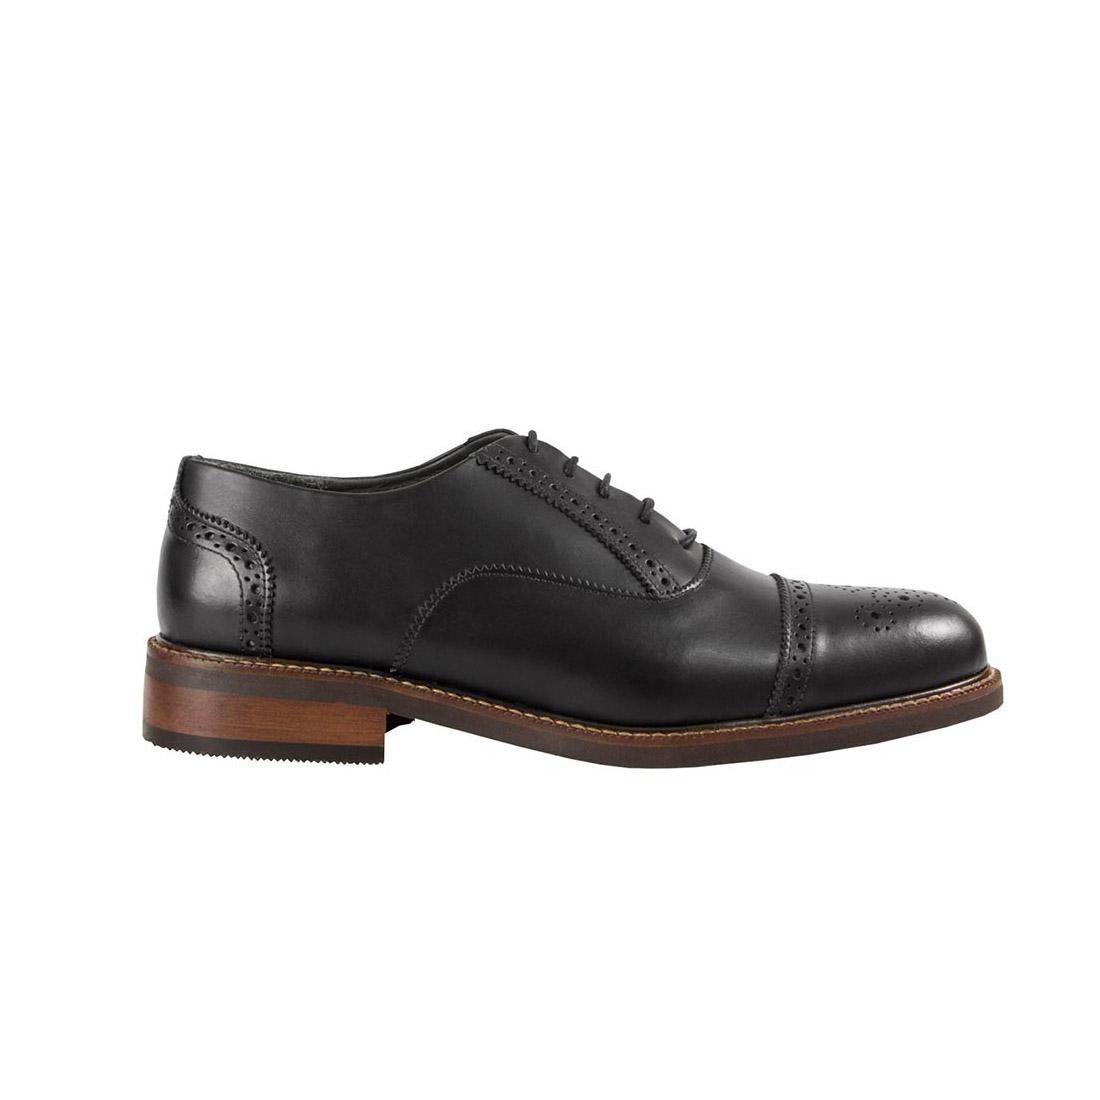 004-zapato-lateral-e1563487478446